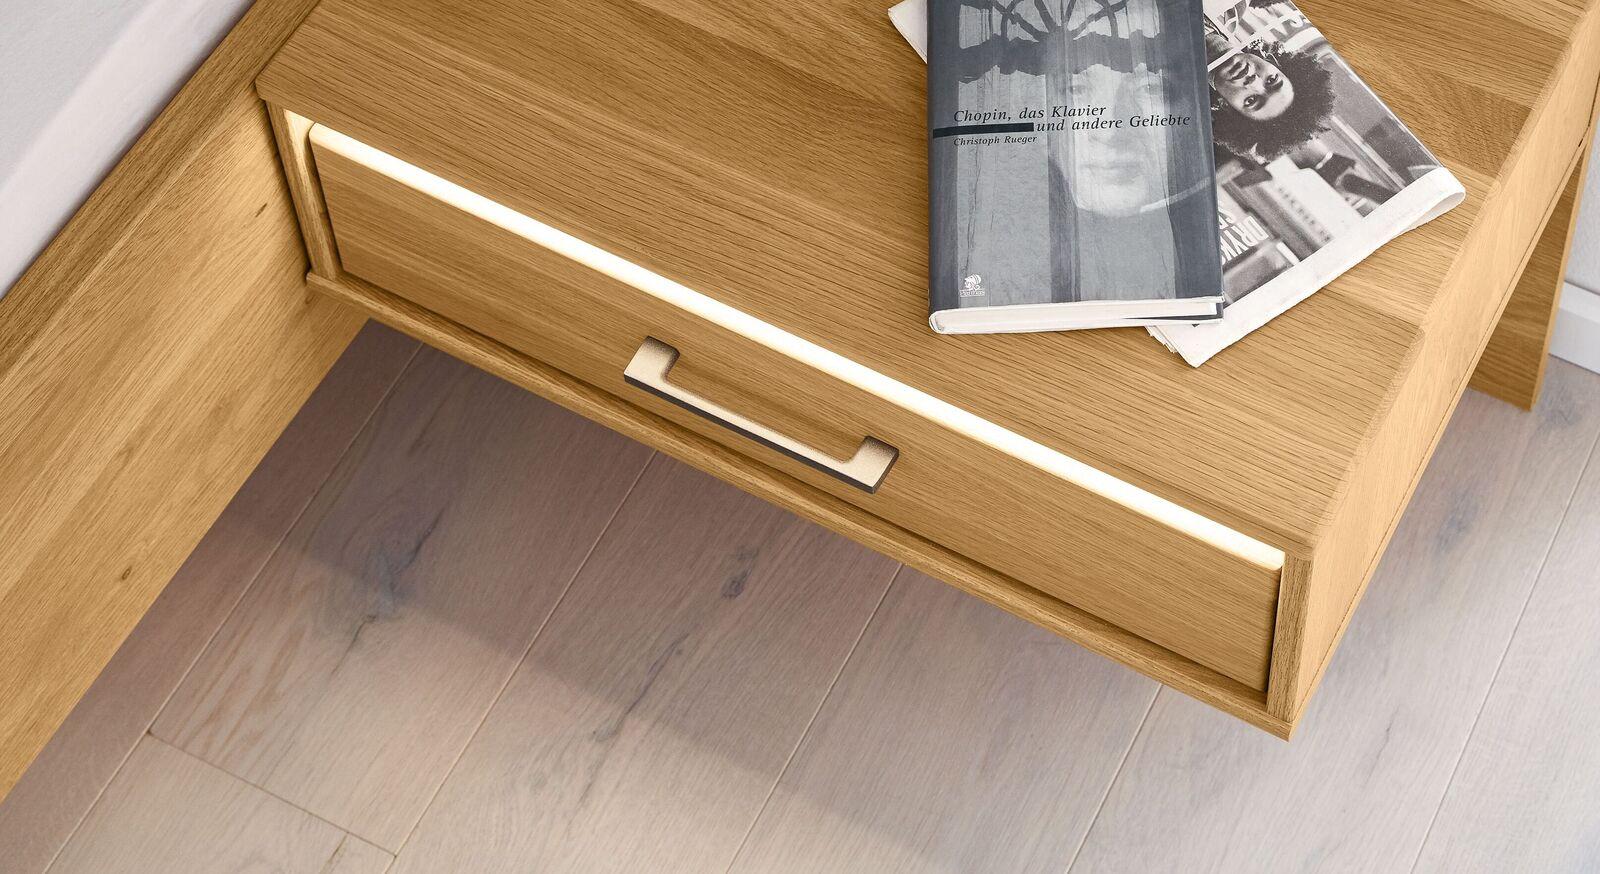 MUSTERRING LED-Beleuchtung für Schwebenachttisch Sorrent als schmaler Lichtstreifen